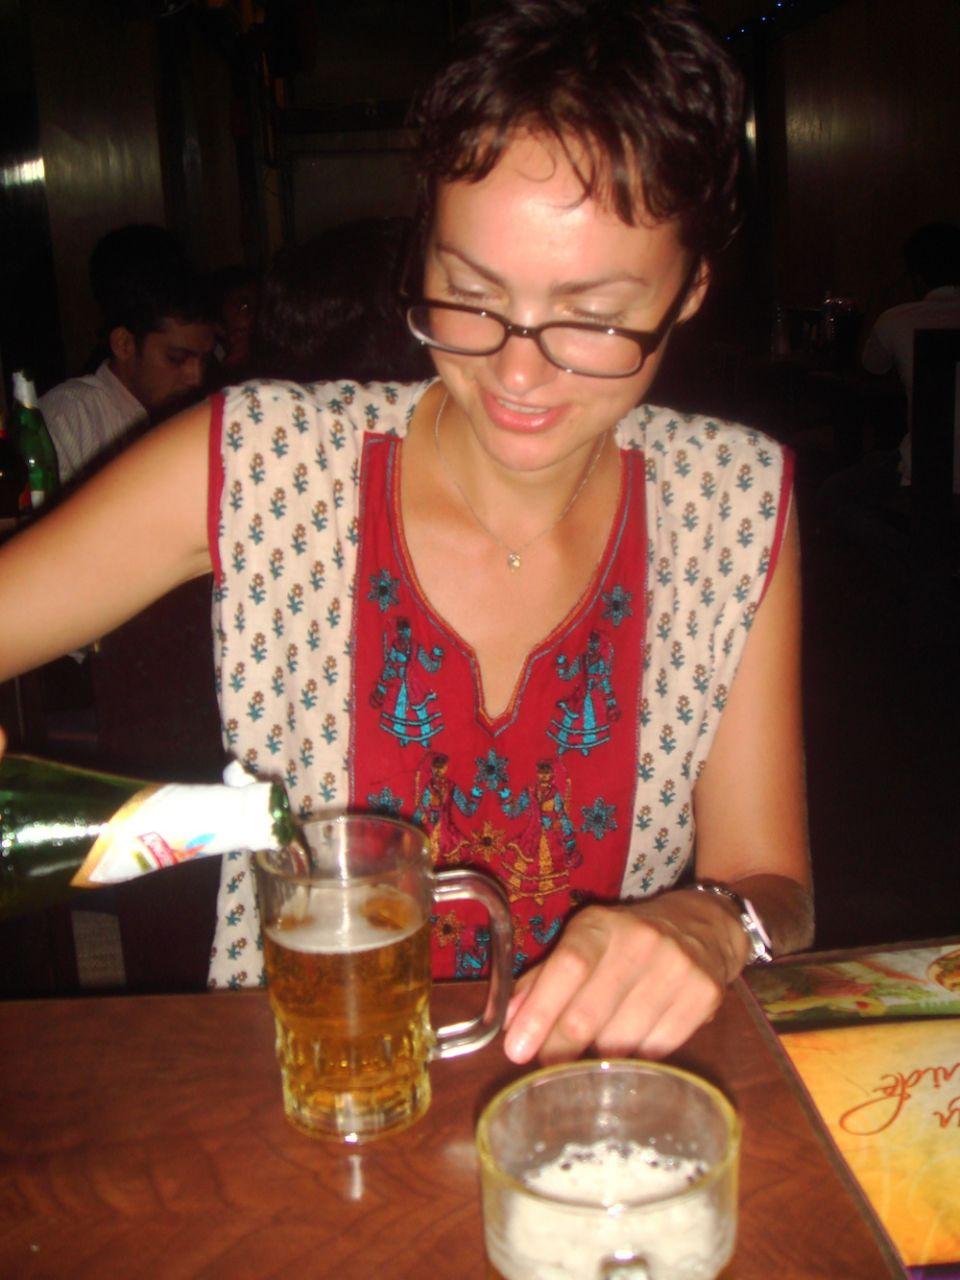 Moje pierwsze piwo w Indiach miało gorzko słodki smak